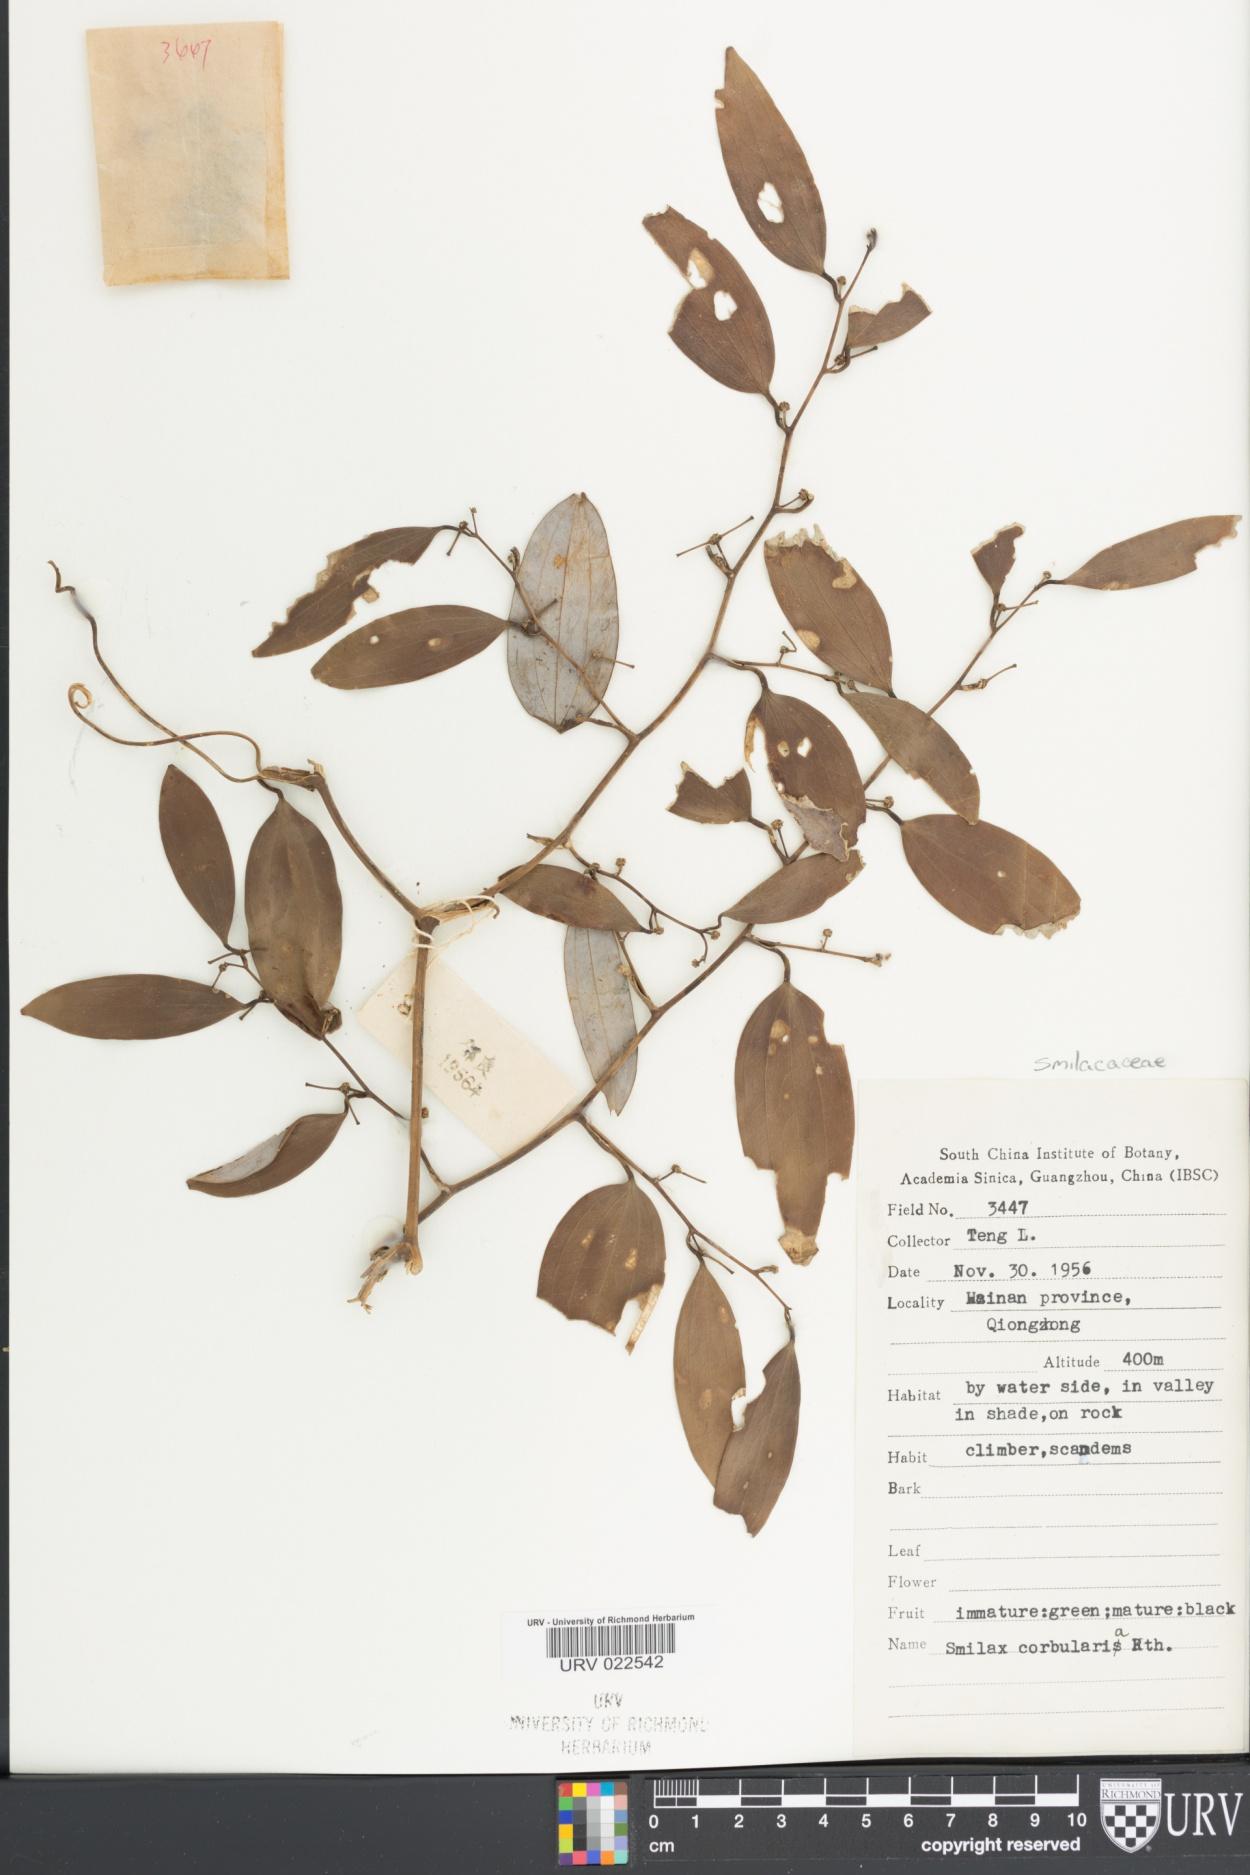 Smilax corbularia image